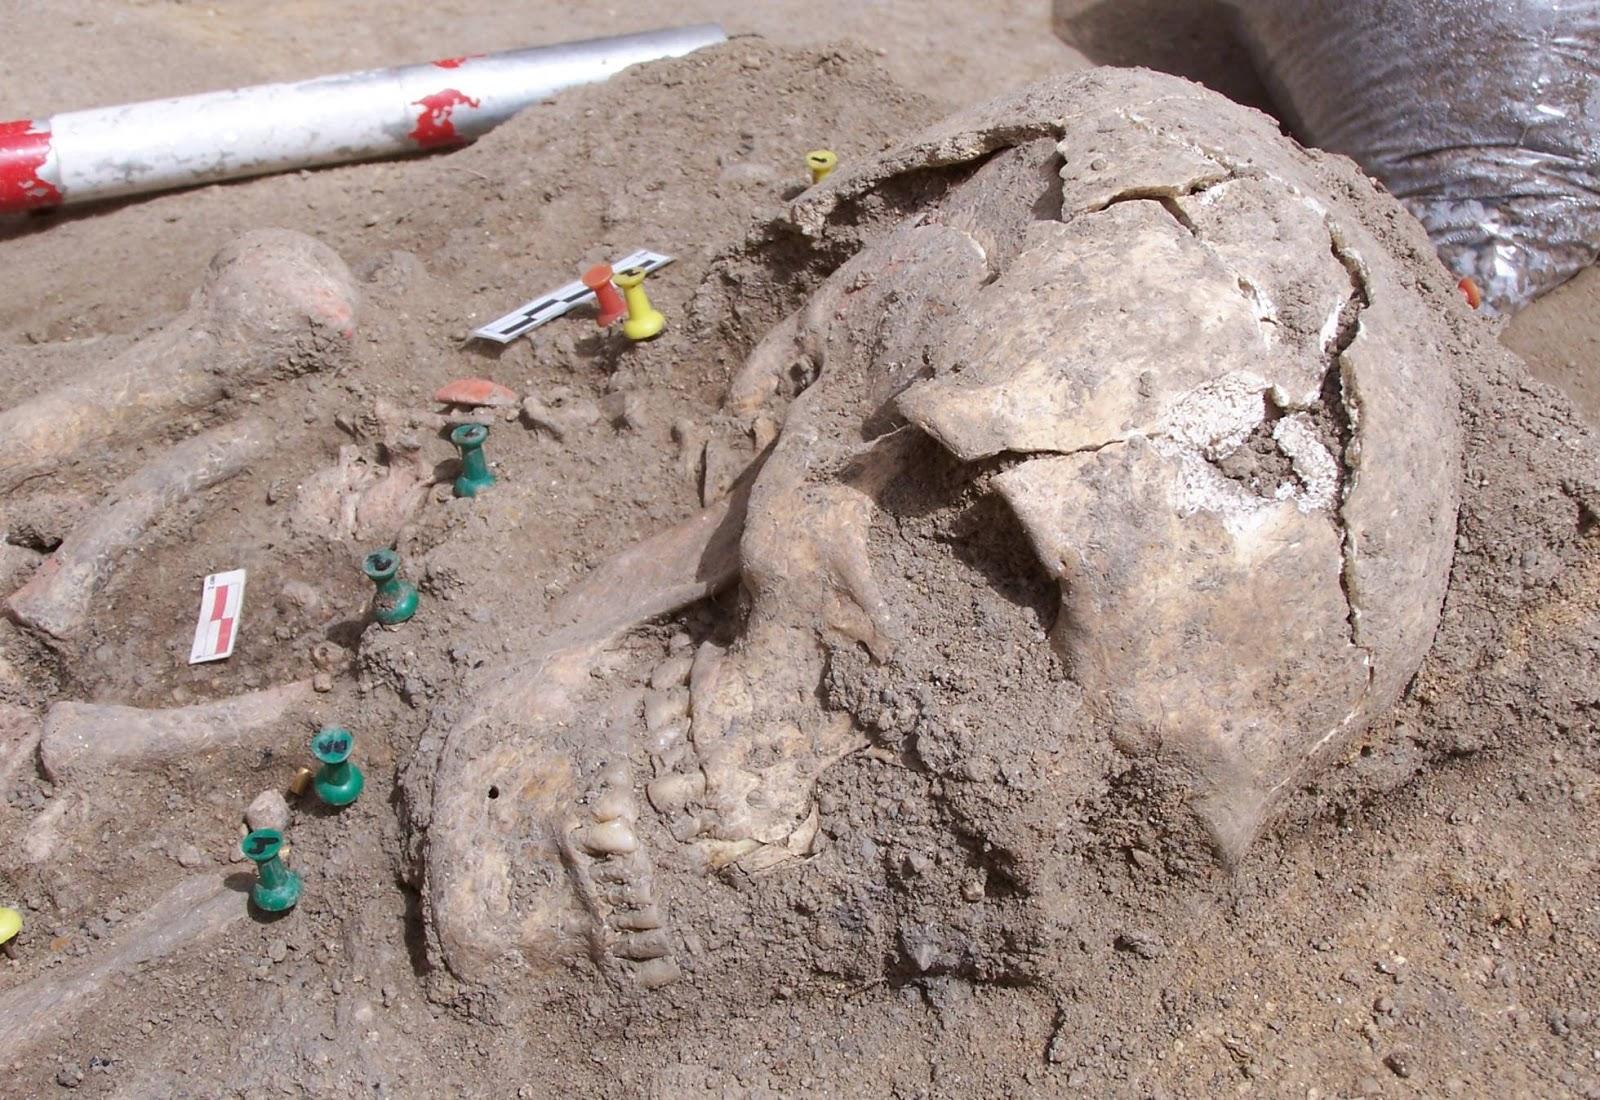 Cráneo de la gran dama, cuerpo femenino encontrado en el yacimiento de Humanejos (Parla). Foto: Sara Genicio